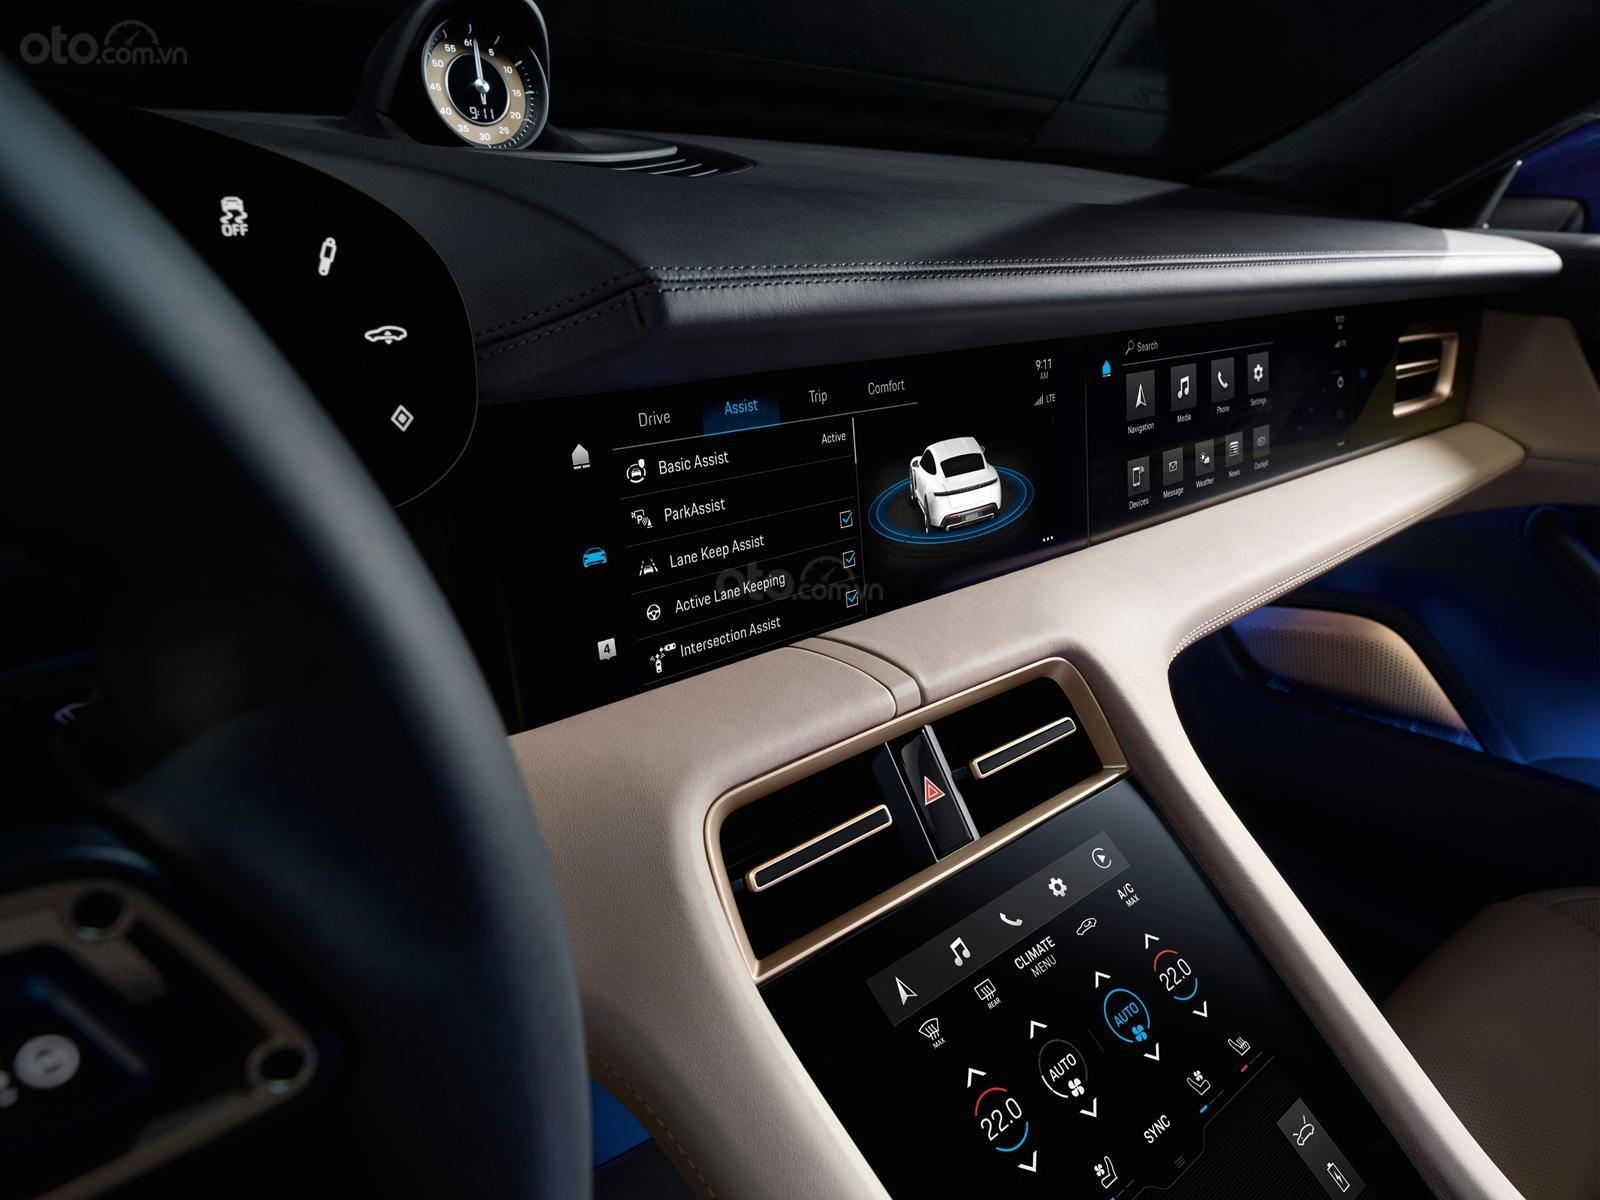 Đánh giá xe Porsche Taycan 2020 về trang bị tiện nghi - ảnh 3